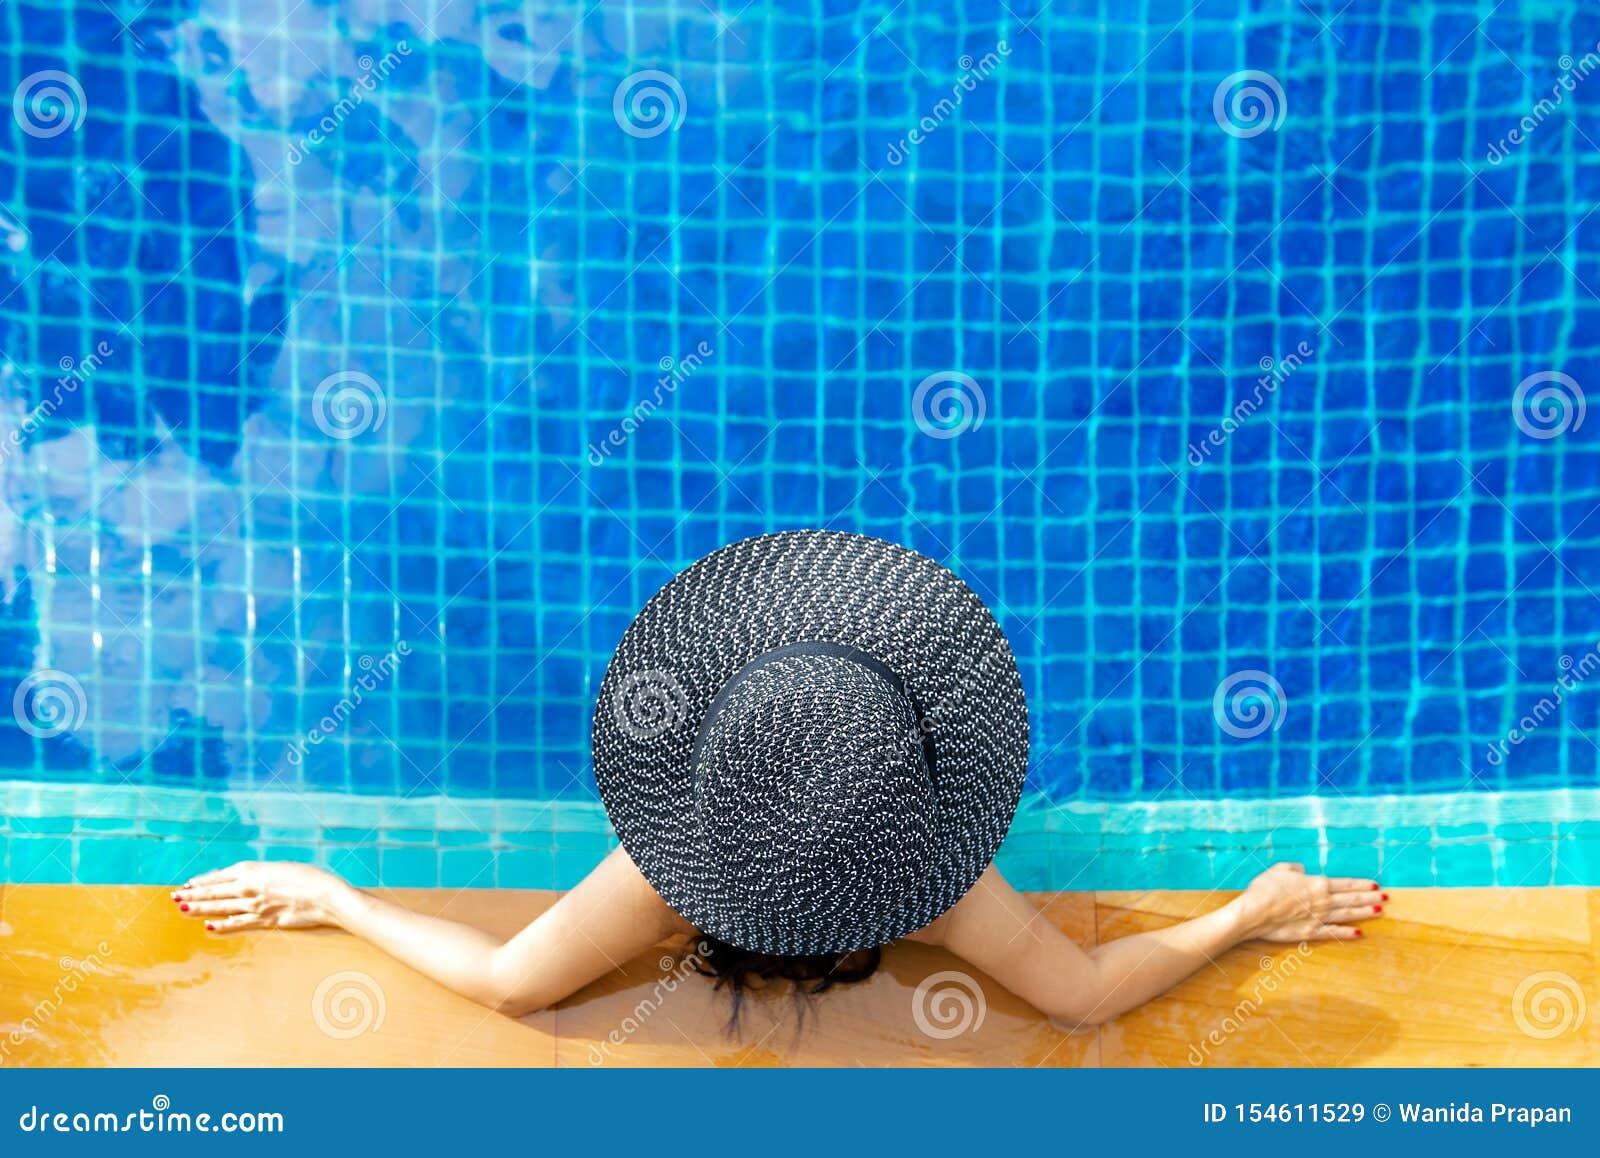 Ora legale e vacanze Stile di vita delle donne che si rilassa e felice nel sunbath di lusso della piscina, giorno di estate alla